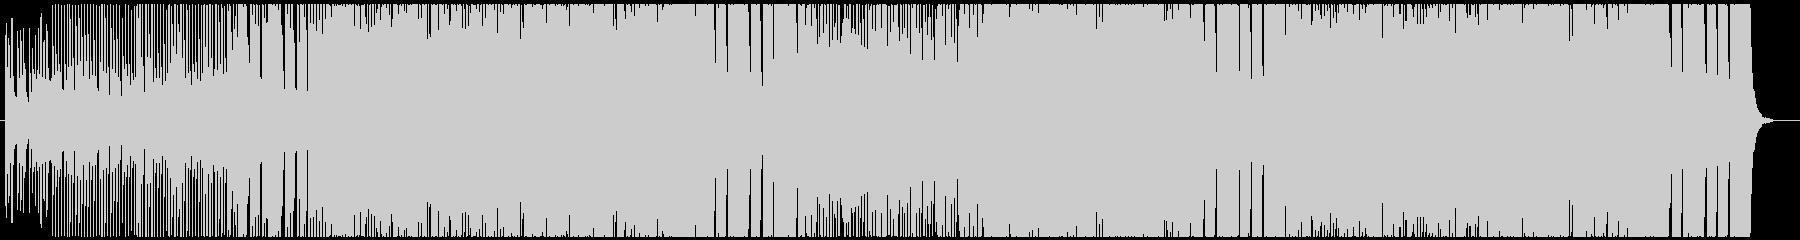 戦国バトル系 和風ハードロックの未再生の波形